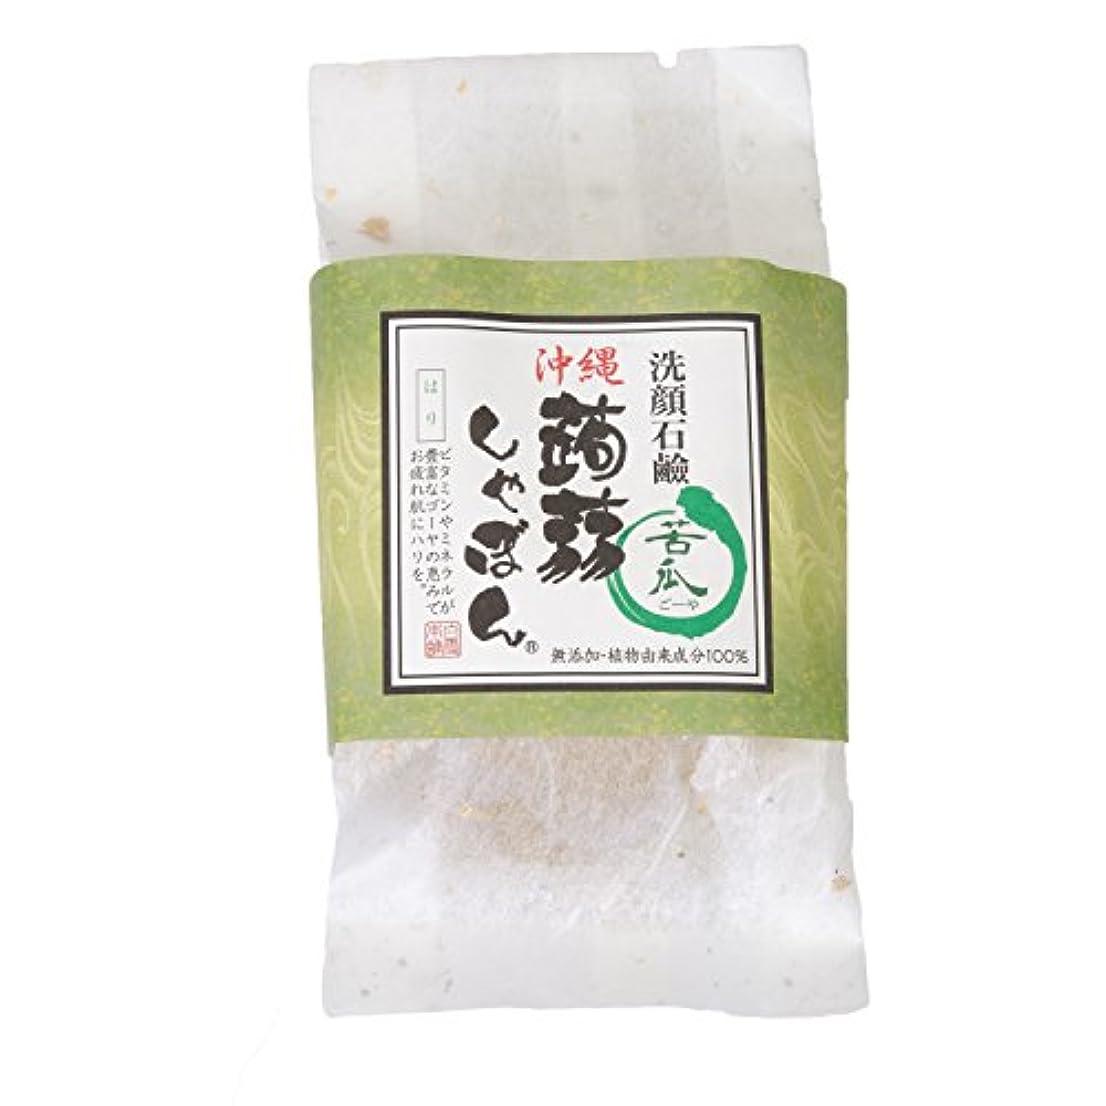 冷蔵庫チョコレート大きさ沖縄 蒟蒻しゃぼん 金 ゴーヤ ぷるぷる 洗顔石鹸 石鹸 保湿 泡立ちソープ